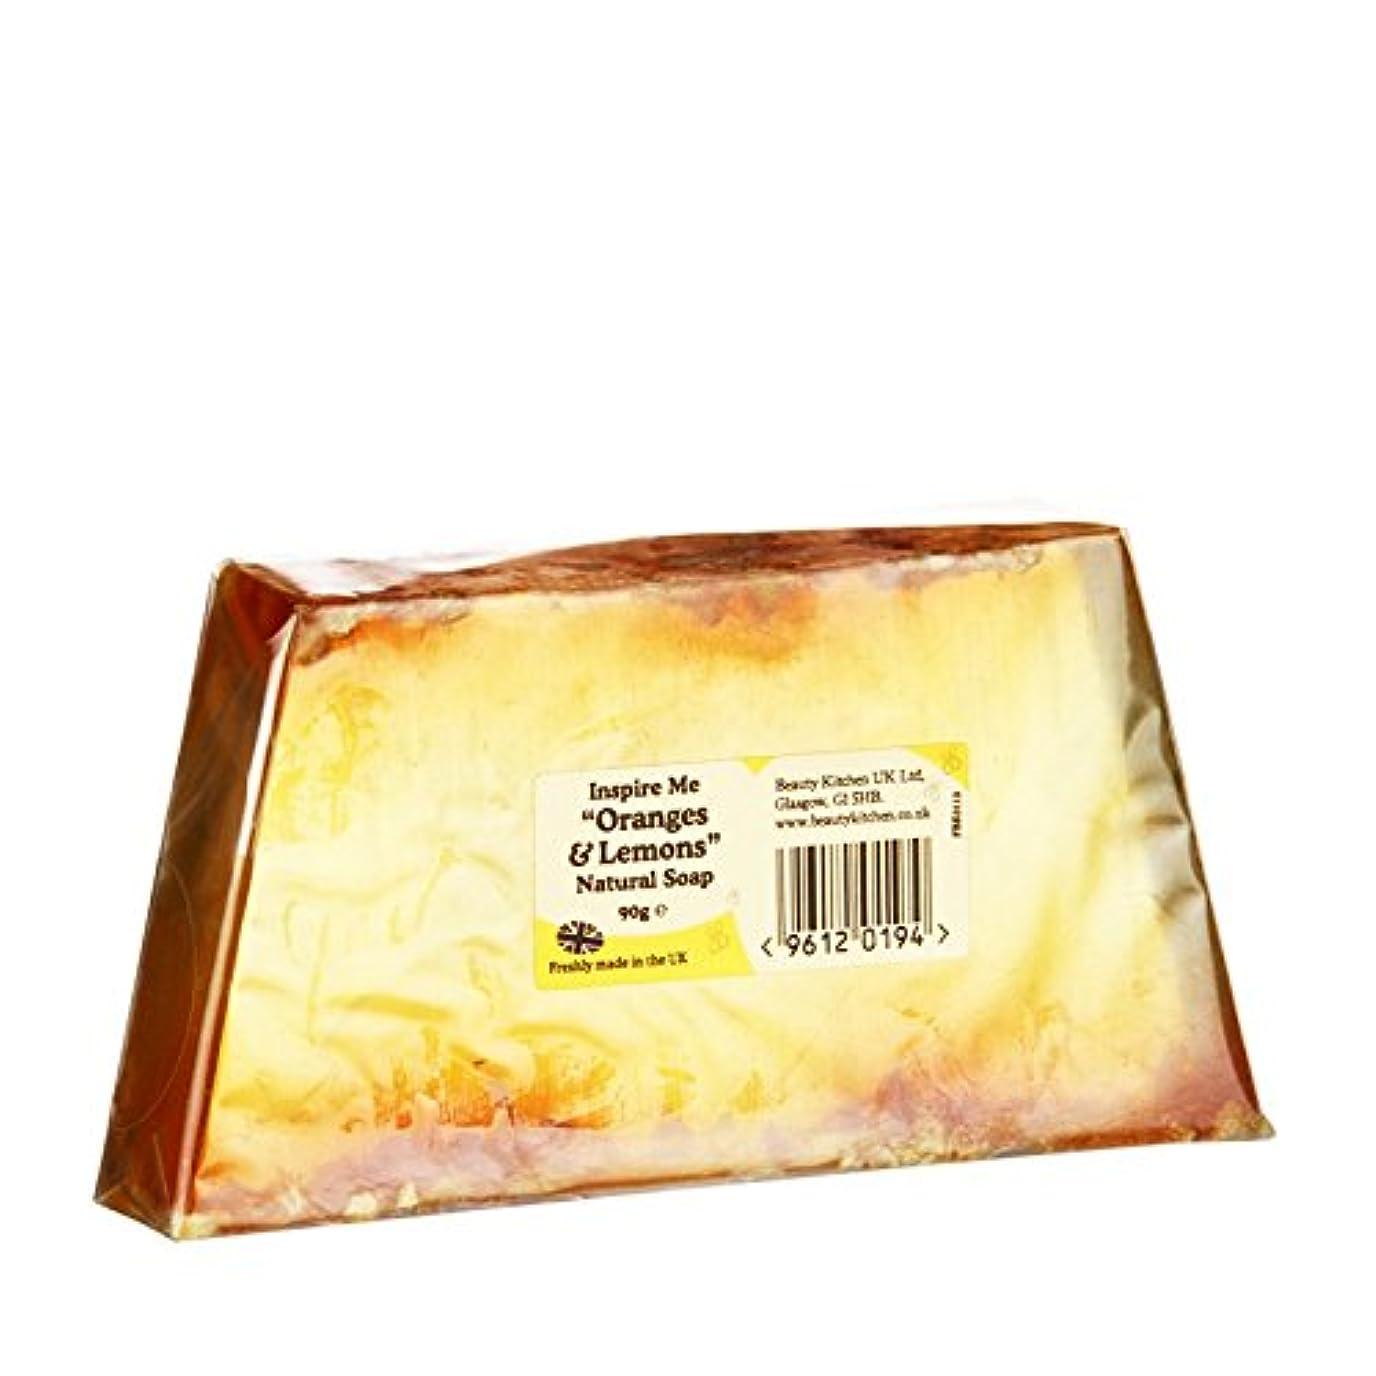 スラッシュ有用マッシュ美しさのキッチンは私がオレンジ&レモンの天然石鹸90グラム鼓舞します - Beauty Kitchen Inspire Me Orange & Lemon Natural Soap 90g (Beauty Kitchen) [並行輸入品]